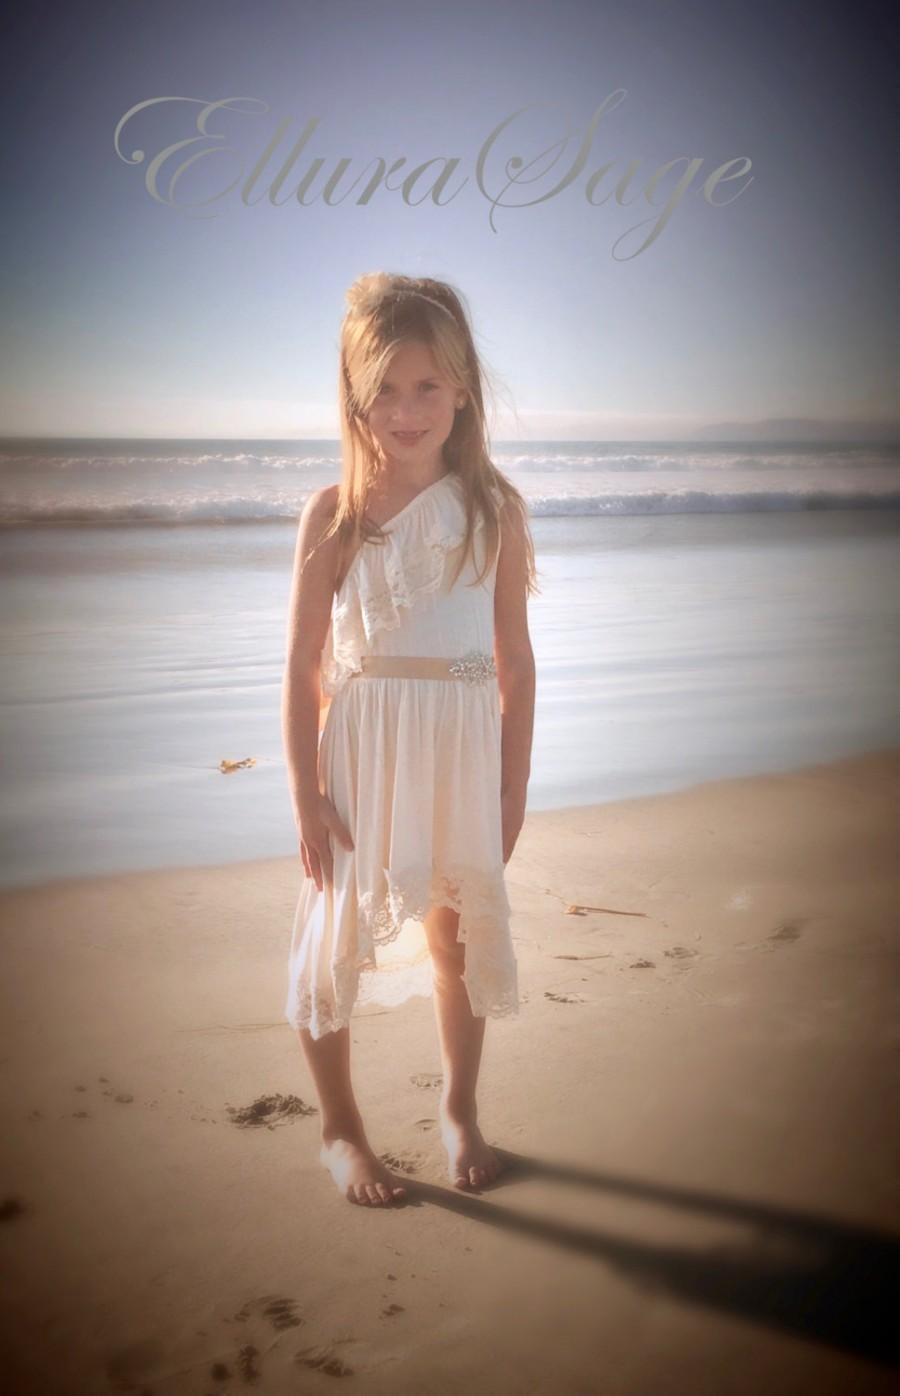 Свадьба - Flower Girl Dress, One Shoulder Lace Girls Dress, Beach Flower Girl, Boho Flower Girl Dress, Ivory Flower Girl Dress, Princess Dress